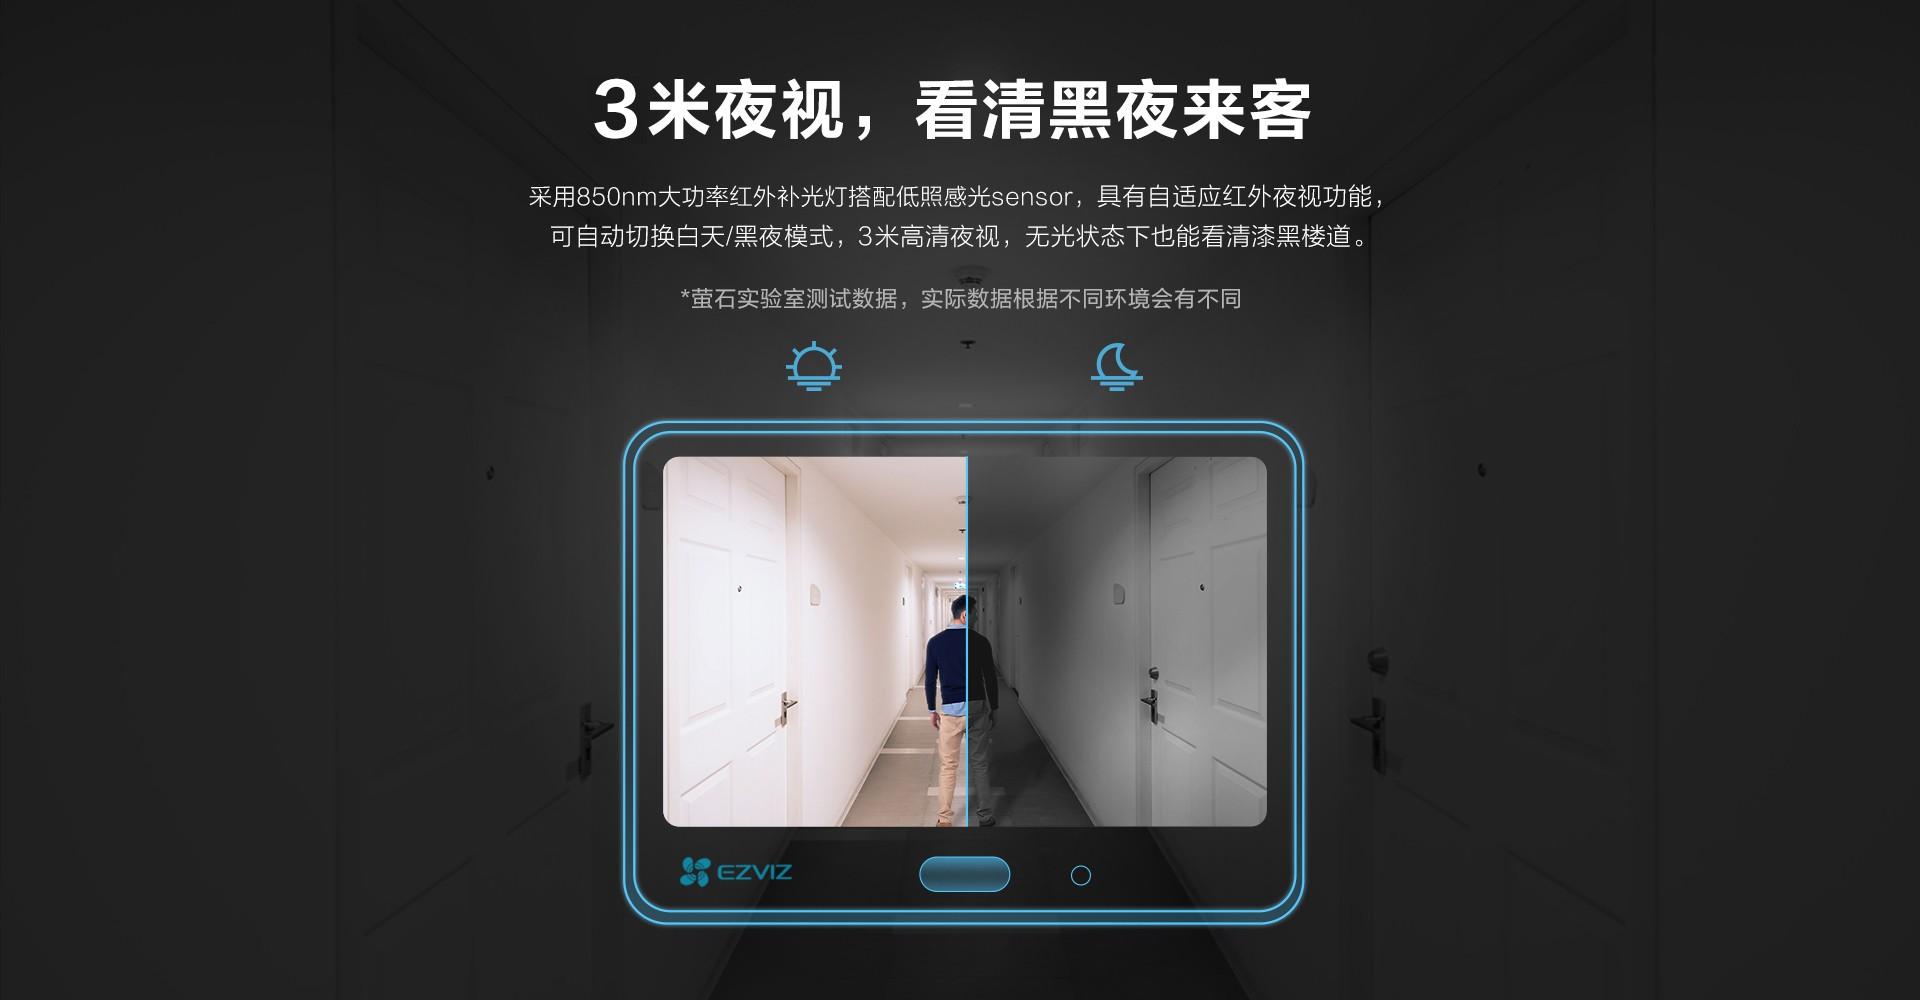 DP1S-web_09.jpg